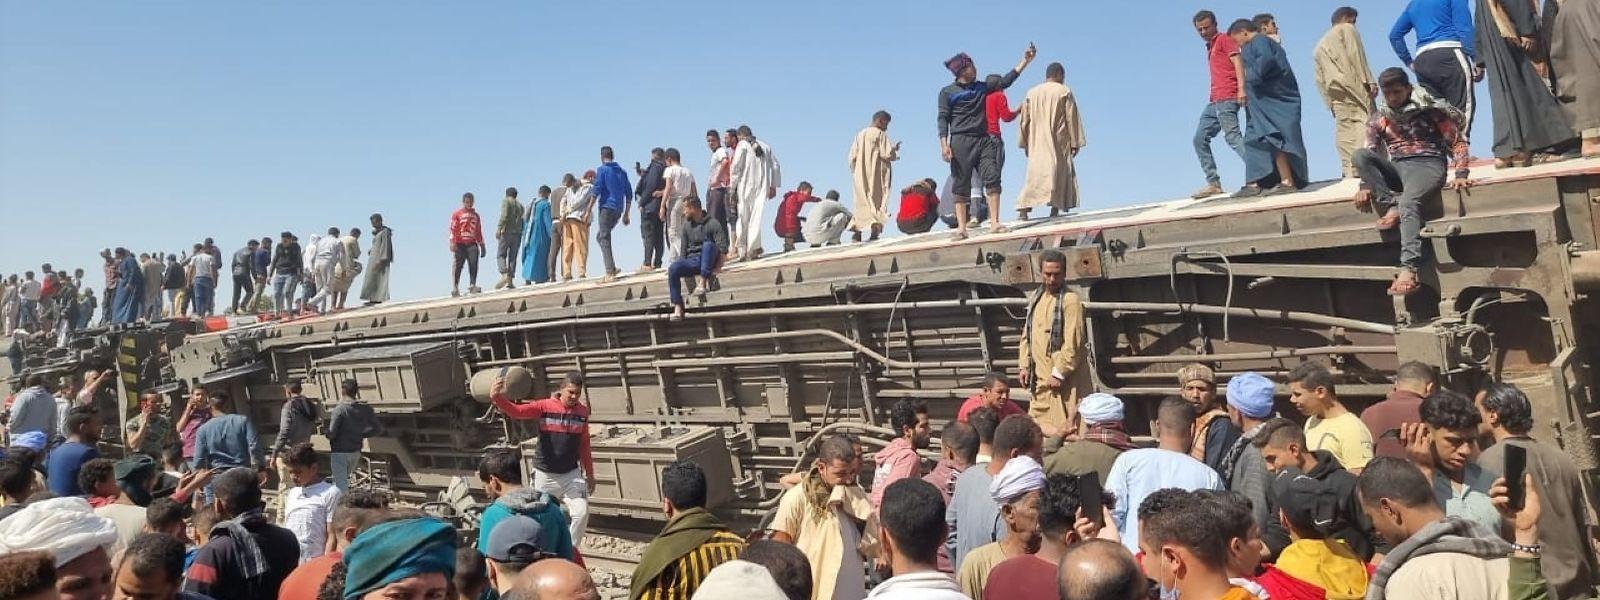 Männer springen nach dem Zusammenstoß zweier Züge von beschädigten Waggons, während Helfer und Rettungskräfte sich davor versammeln.